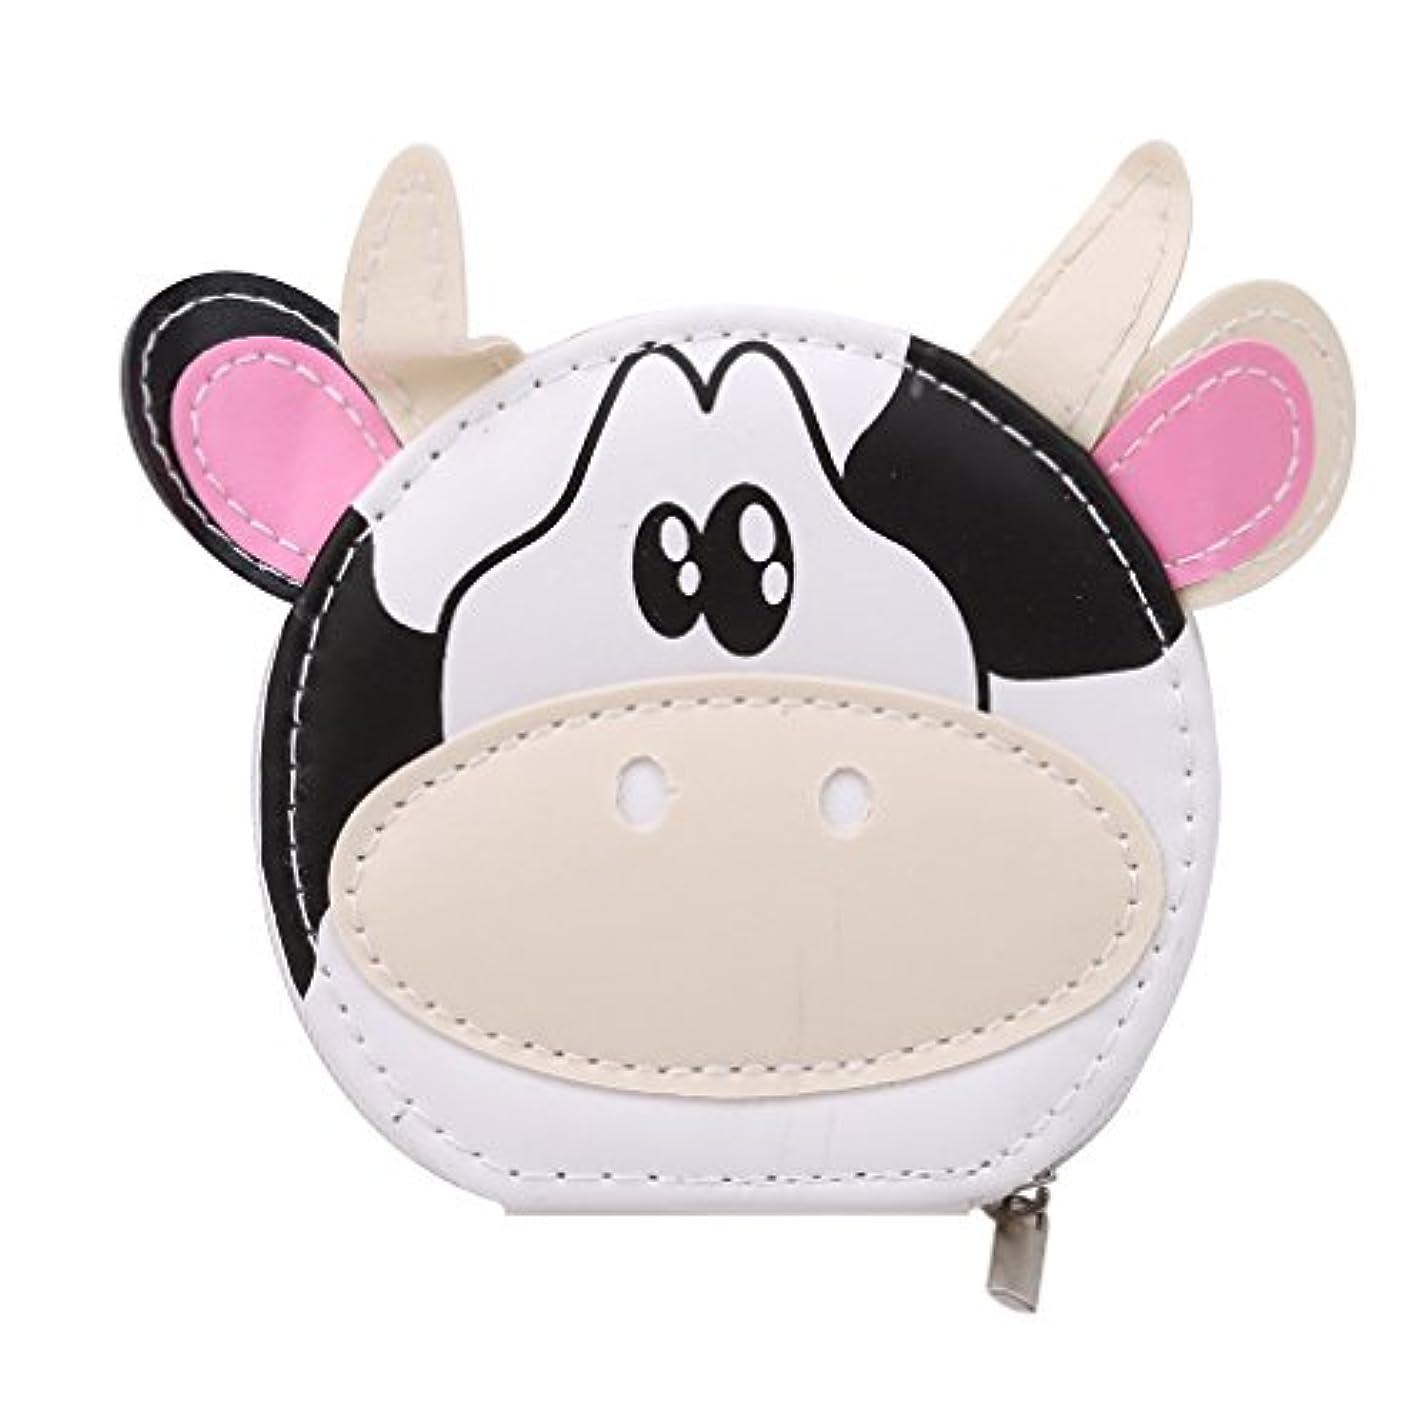 YUEHAO ネイルケア セット 爪切りセット携帯便利のグルーミング キット ステンレス製 つめきり 8点セット かわいい ホワイト乳牛